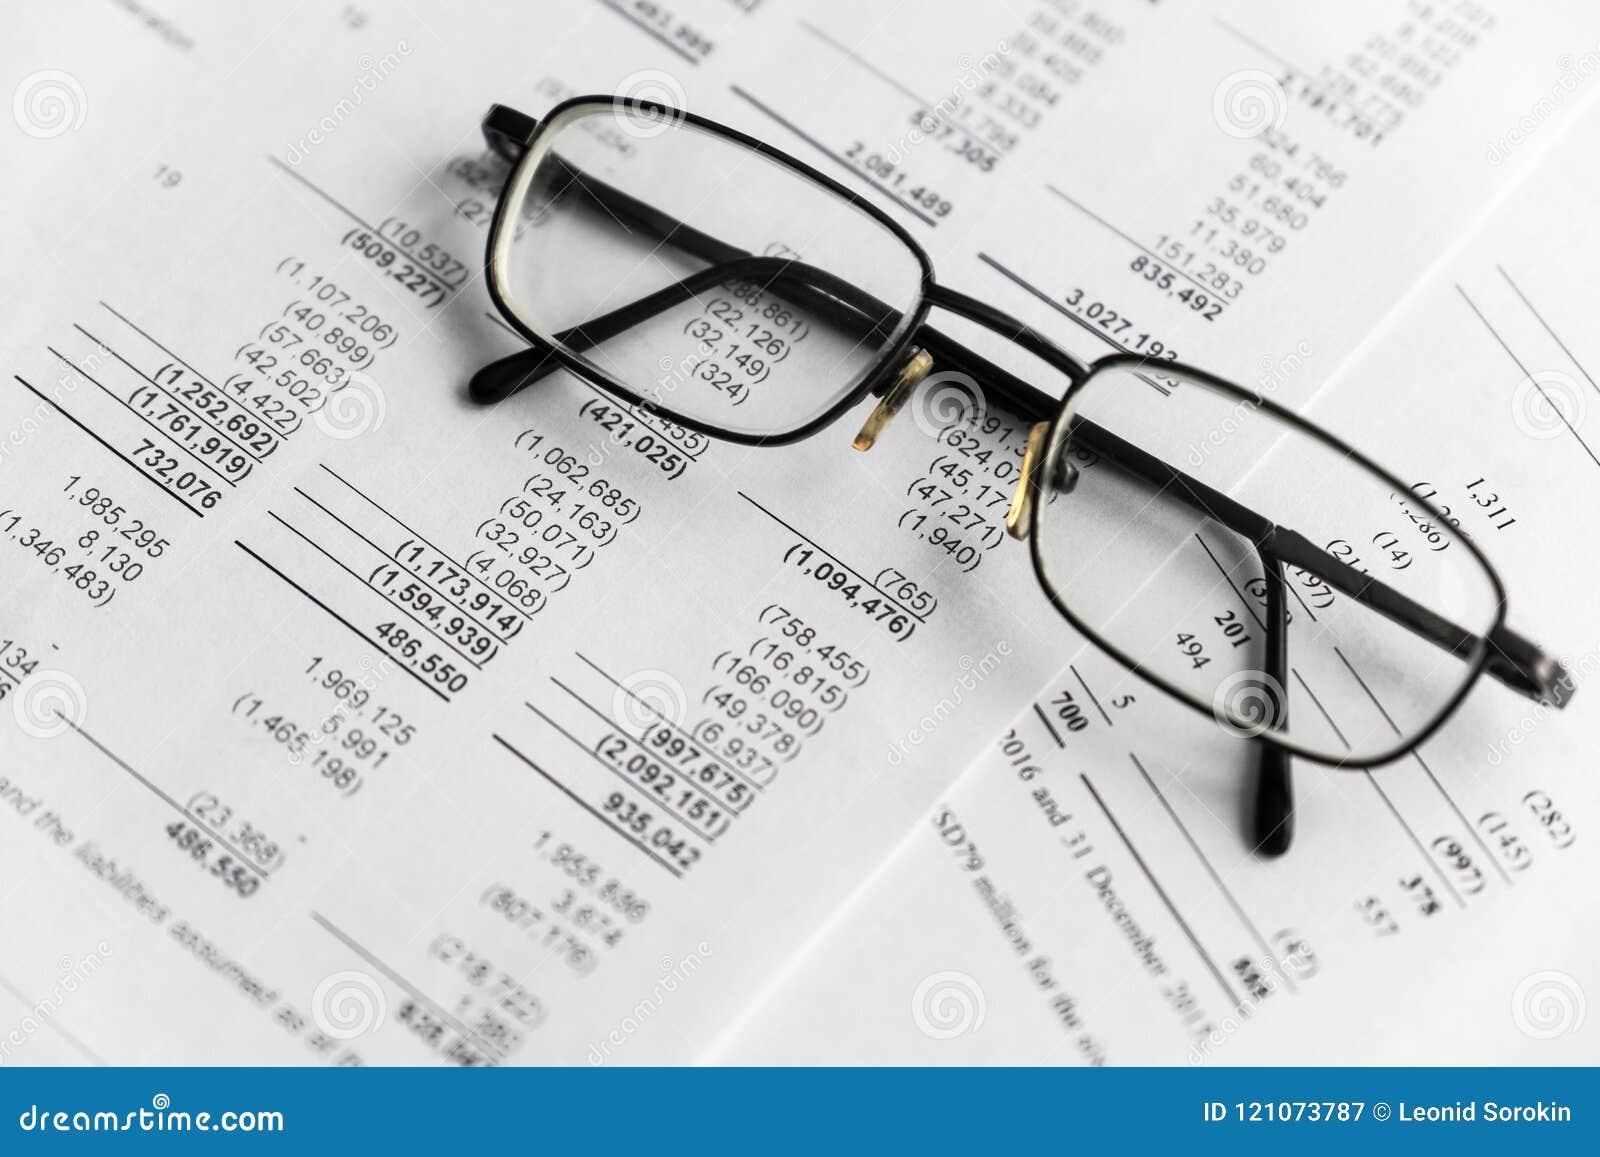 Οικονομική ανάλυση - εισοδηματική δήλωση, επιχειρηματικό σχέδιο με το γυαλί